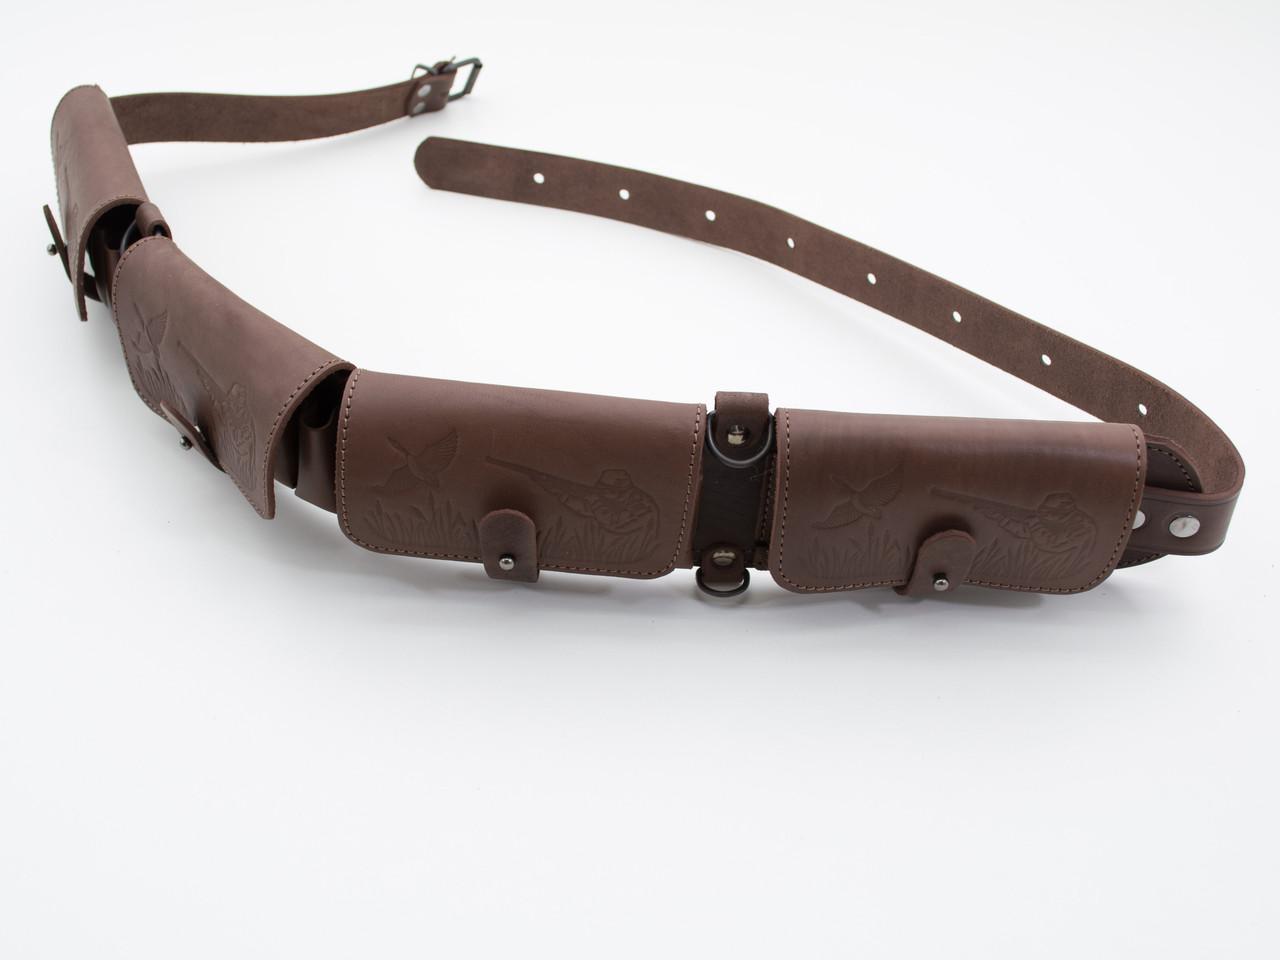 Патронташ на пояс на 24 патрона 20 калибр закрытый кожаный коричневый 5100/20/2